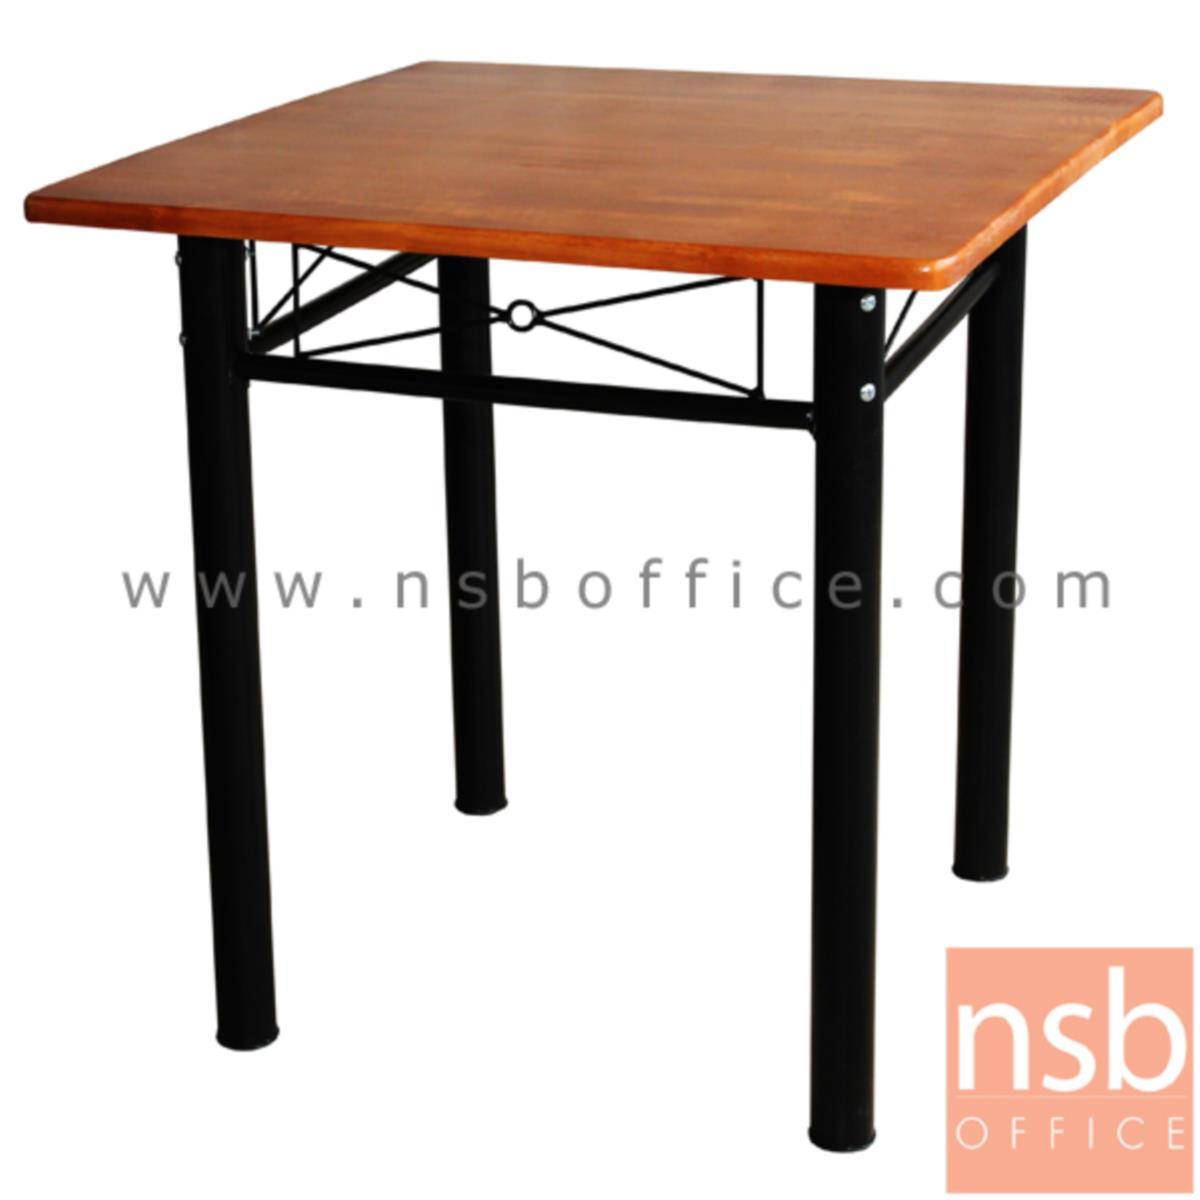 A14A002:โต๊ะหน้าไม้ยางพารา 4 ที่นั่ง รุ่น Margat (มาร์กัต) ขนาด 60W ,75W cm. ขาเหล็ก